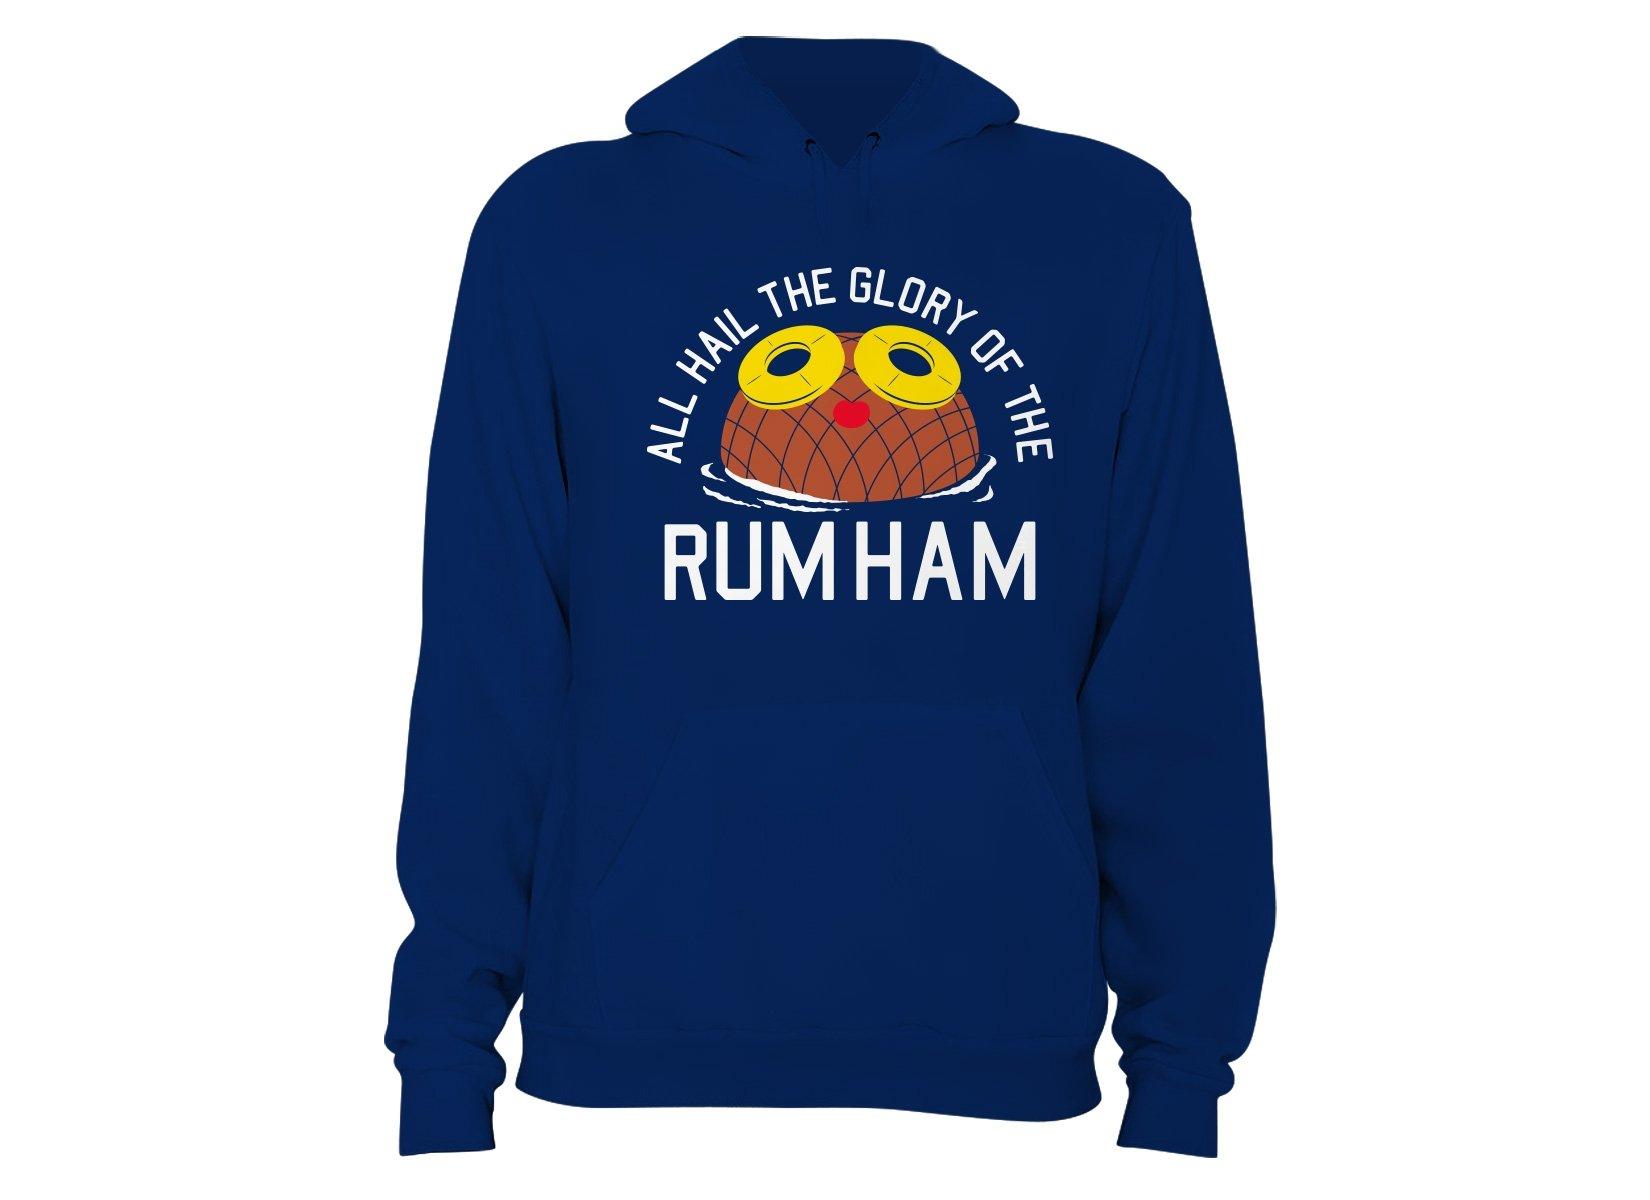 Rum Ham on Hoodie